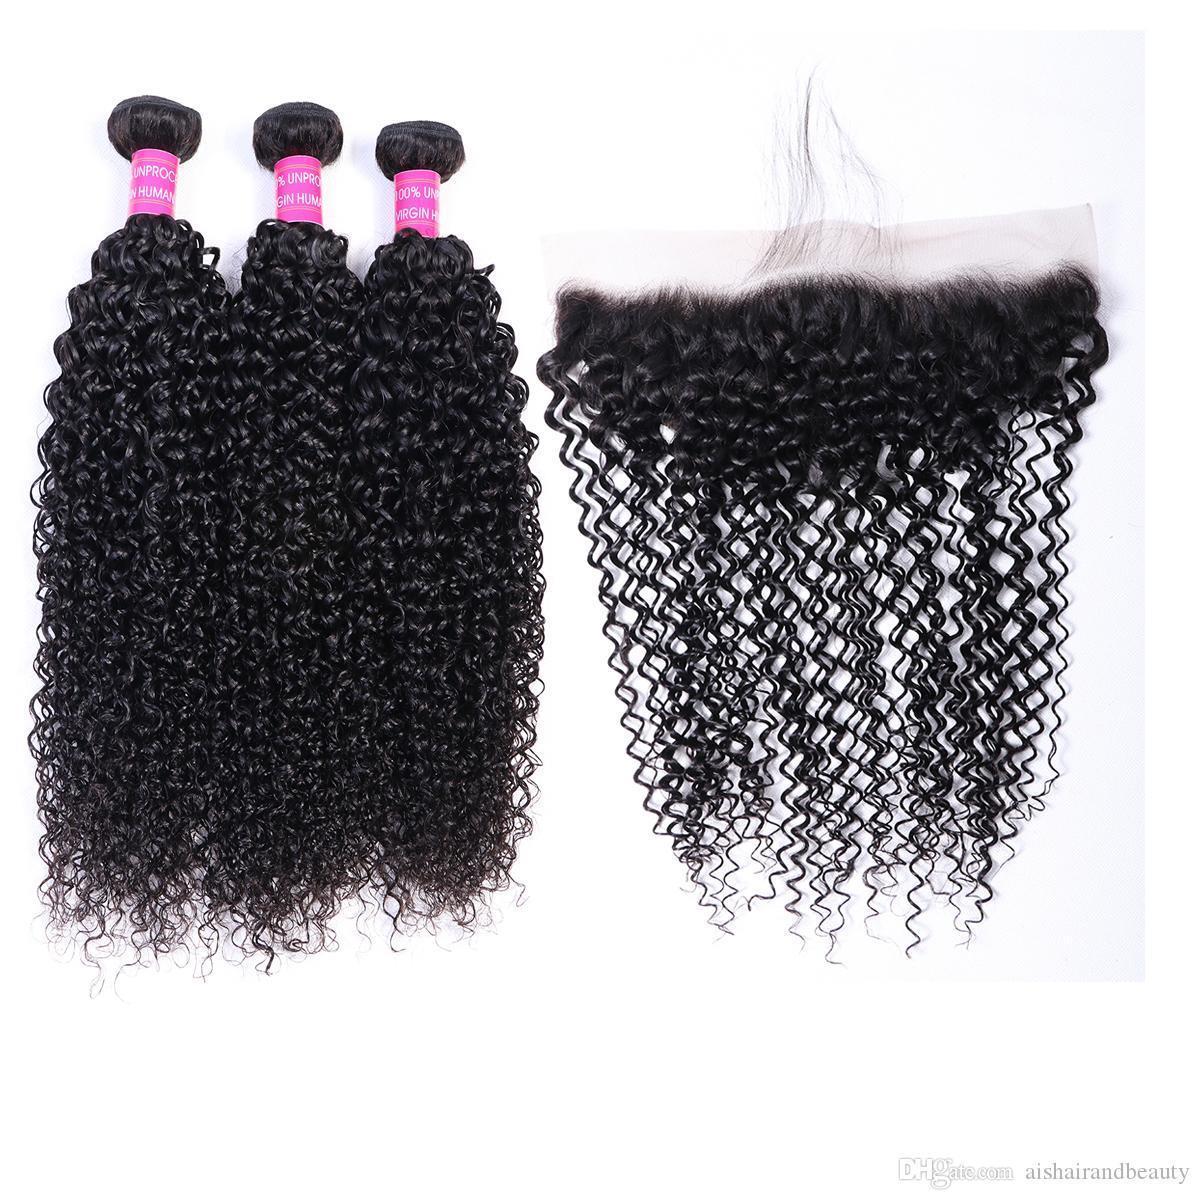 AIS capelli brasiliani vergini umani tesse le estensioni dei capelli ricci Natual 1B colori 3 pacchi con merletto Frontal 13 * 4 Lordo di alta qualità